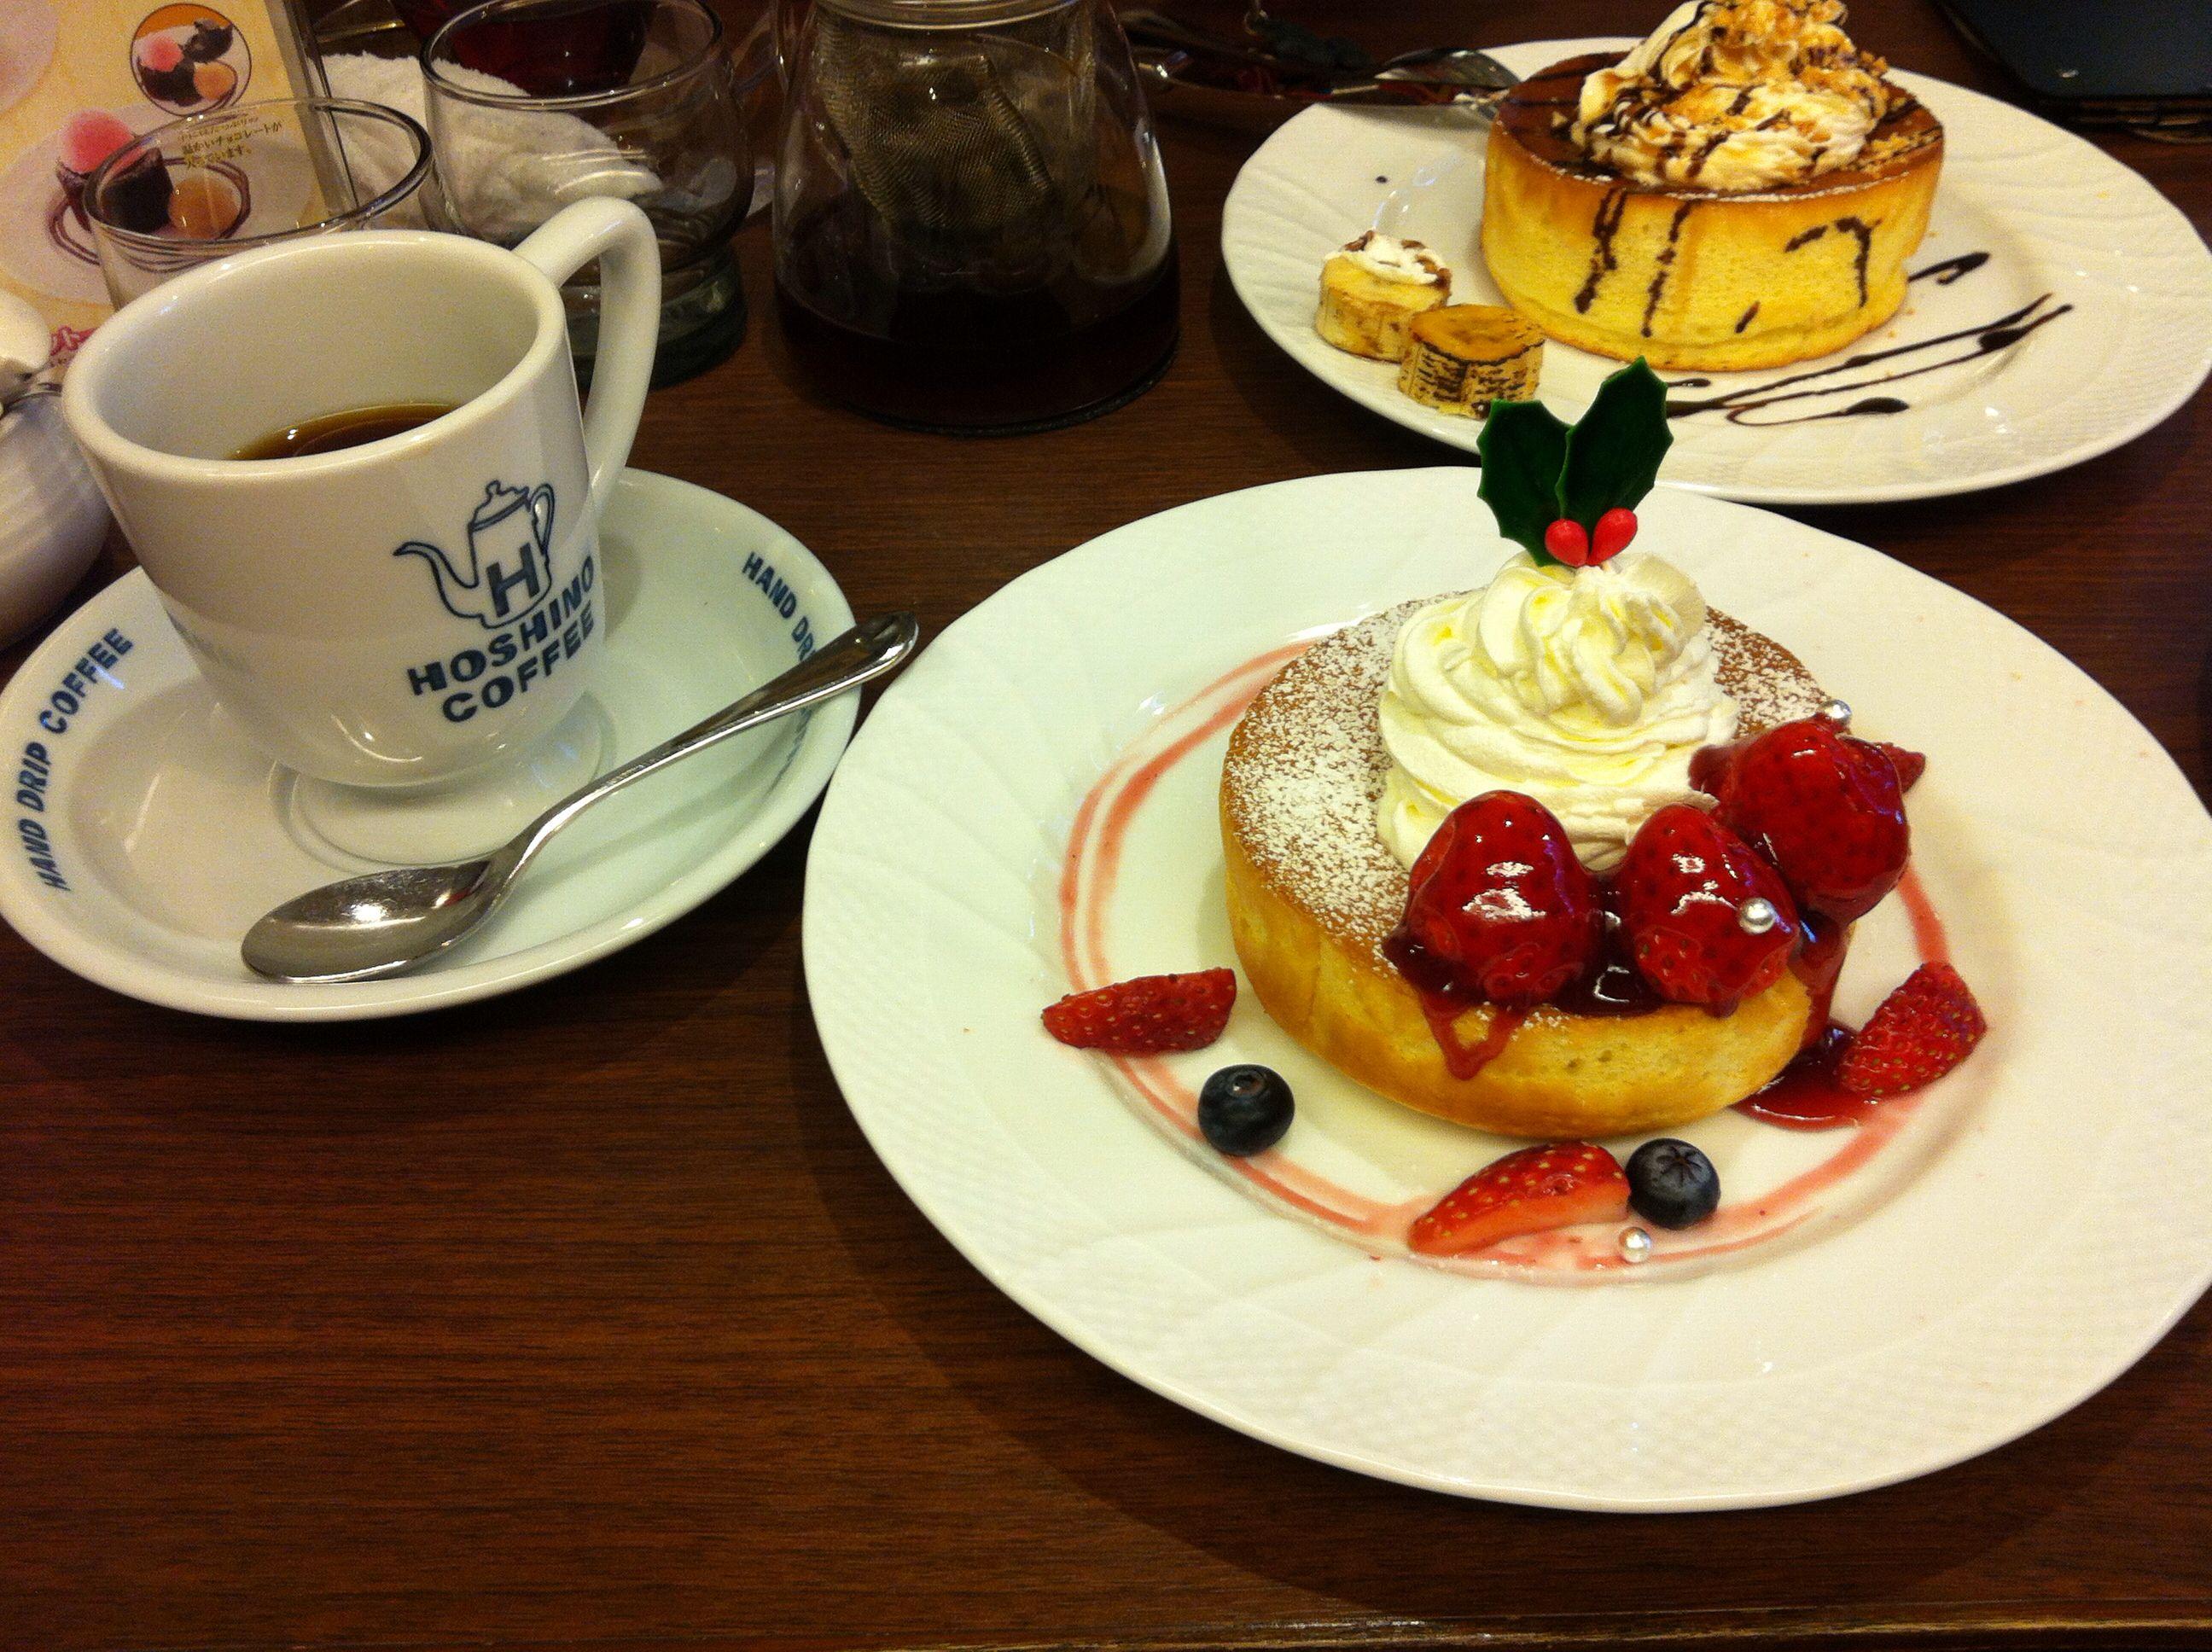 크리스마스 스트로베리&초콜릿 바나나 팬케이크